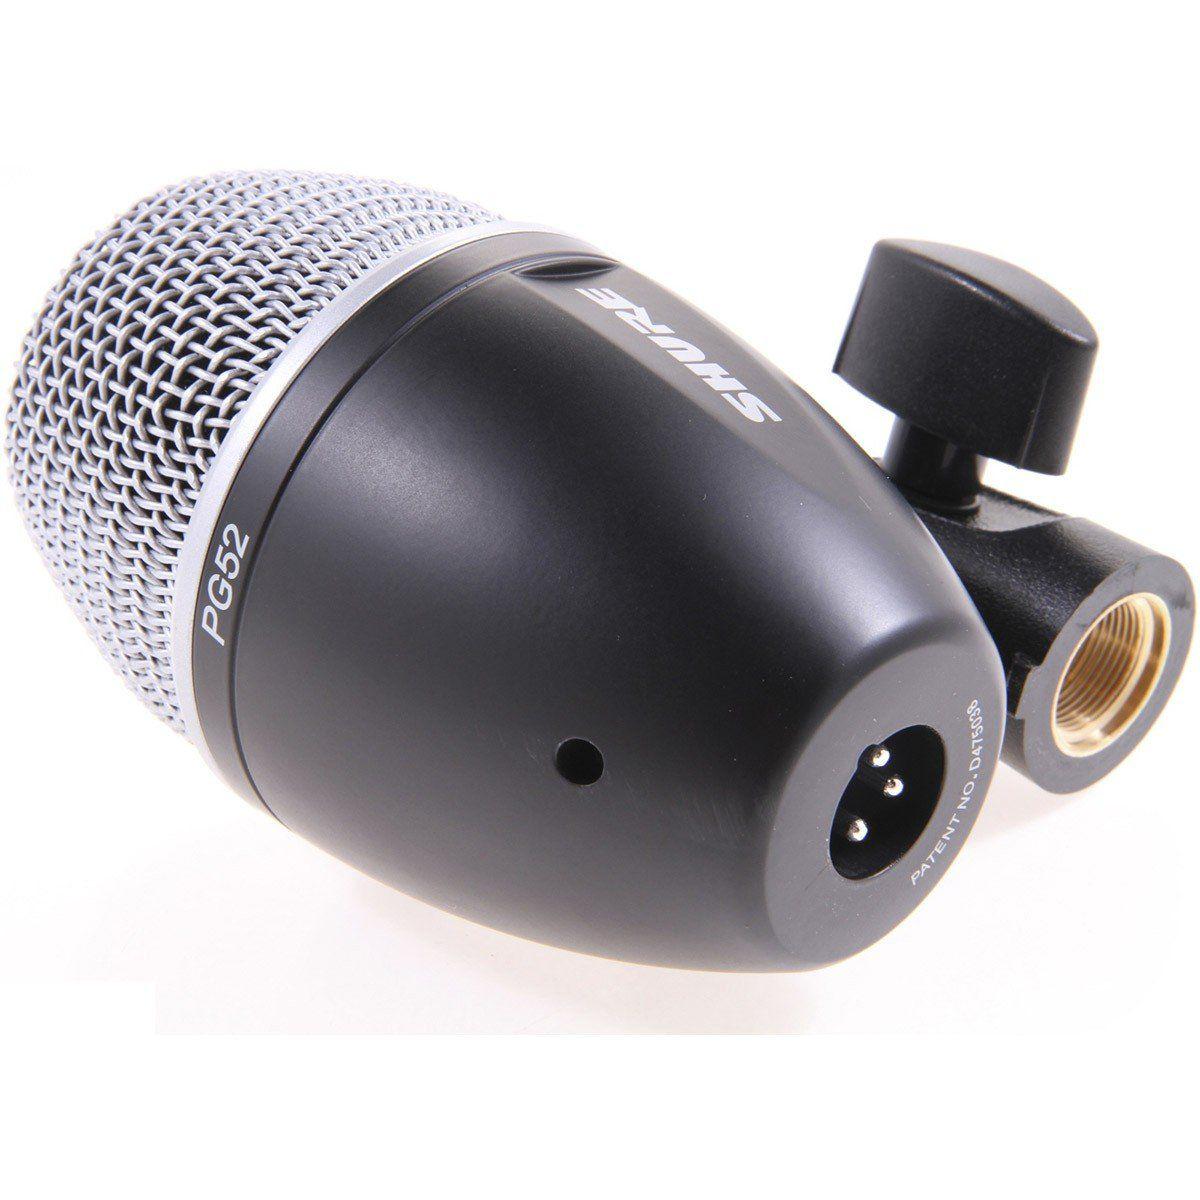 Shure PG52 Microfone Dinâmico Shure-PG52 para Instrumentos de Percussão